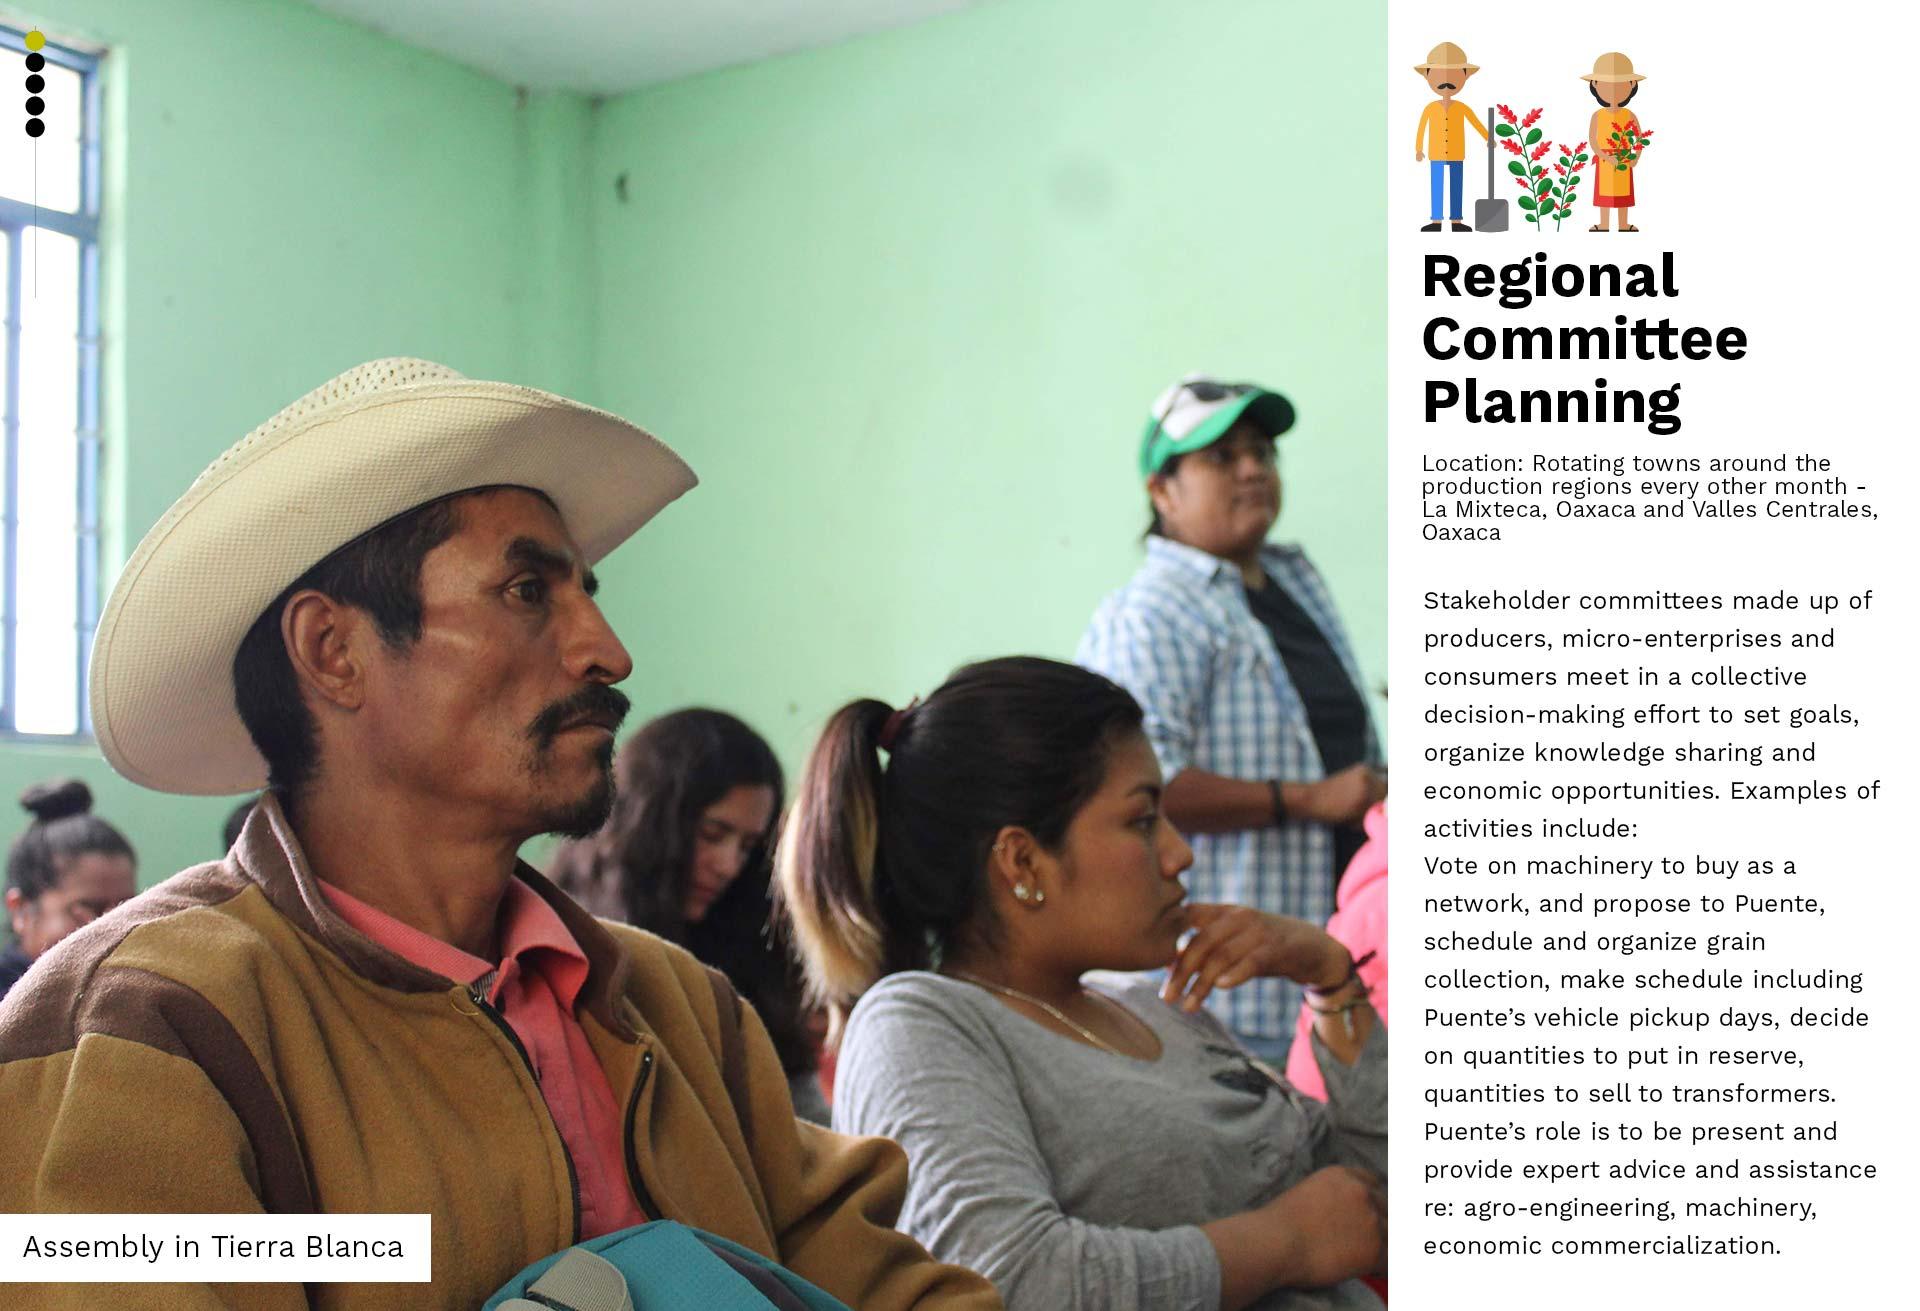 01-Regional Committee Planning Meetings